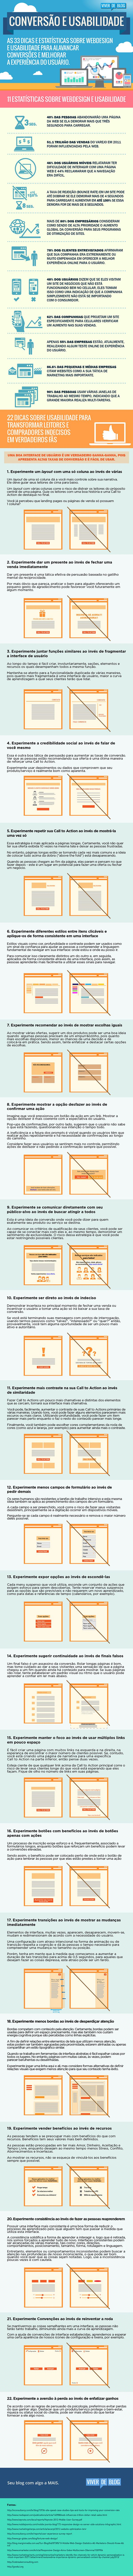 Quer saber absolutamente tudo sobre Usabilidade para Conversão? Veja esse super guia e infográfico para melhorar a experiência do usuário no seu site.